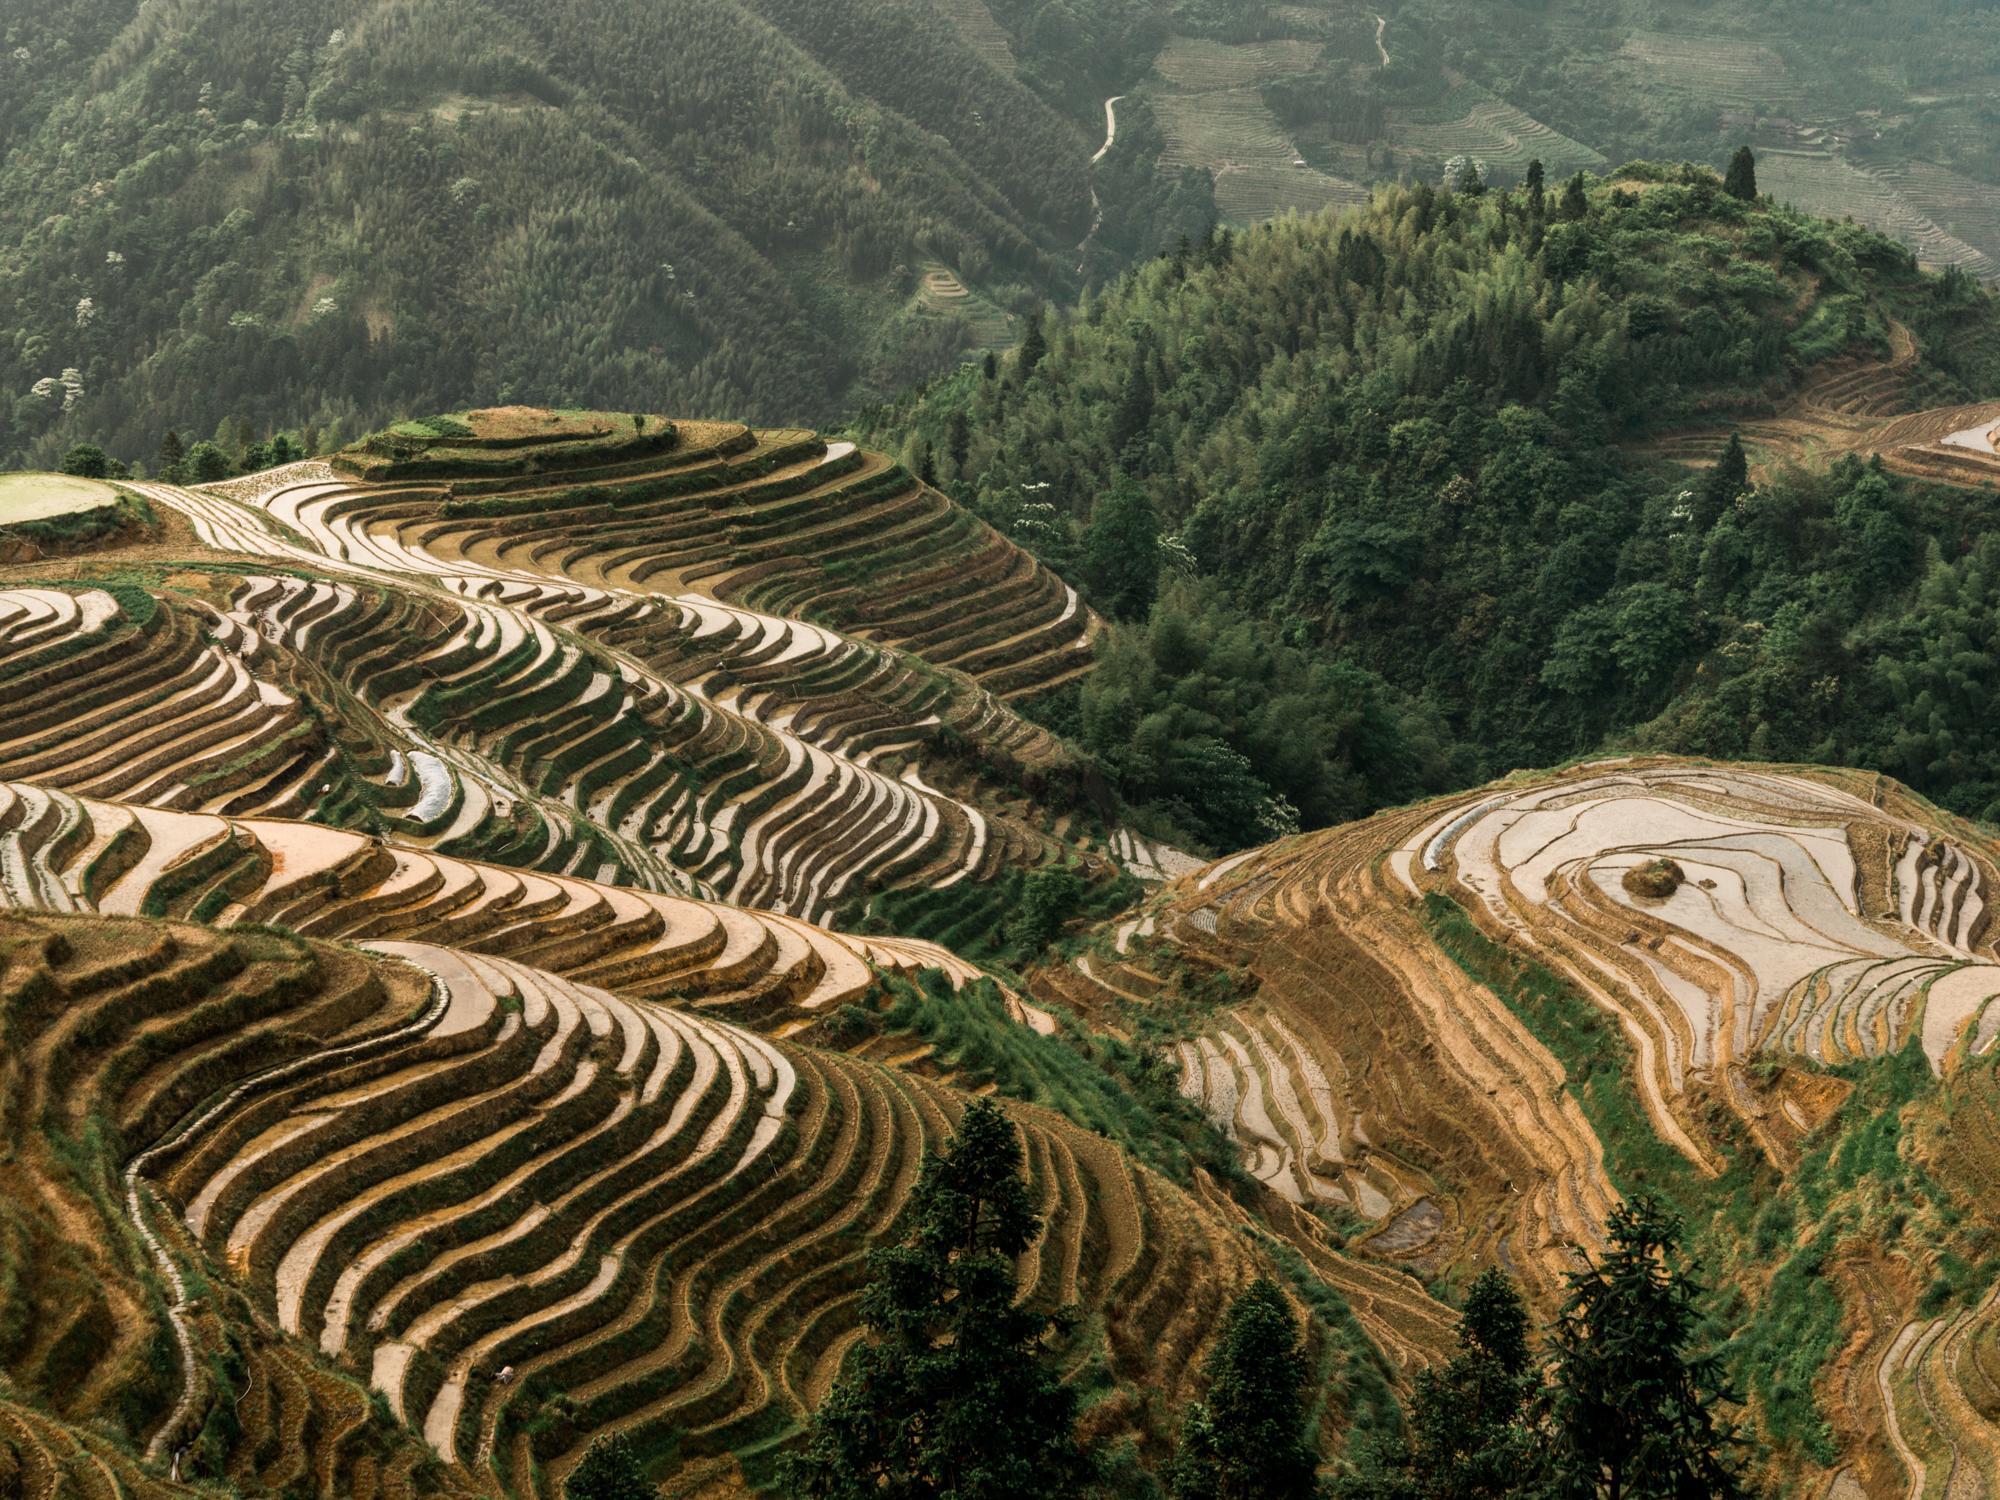 Leda Costa Yangshuo Longsheng China 10.jpg